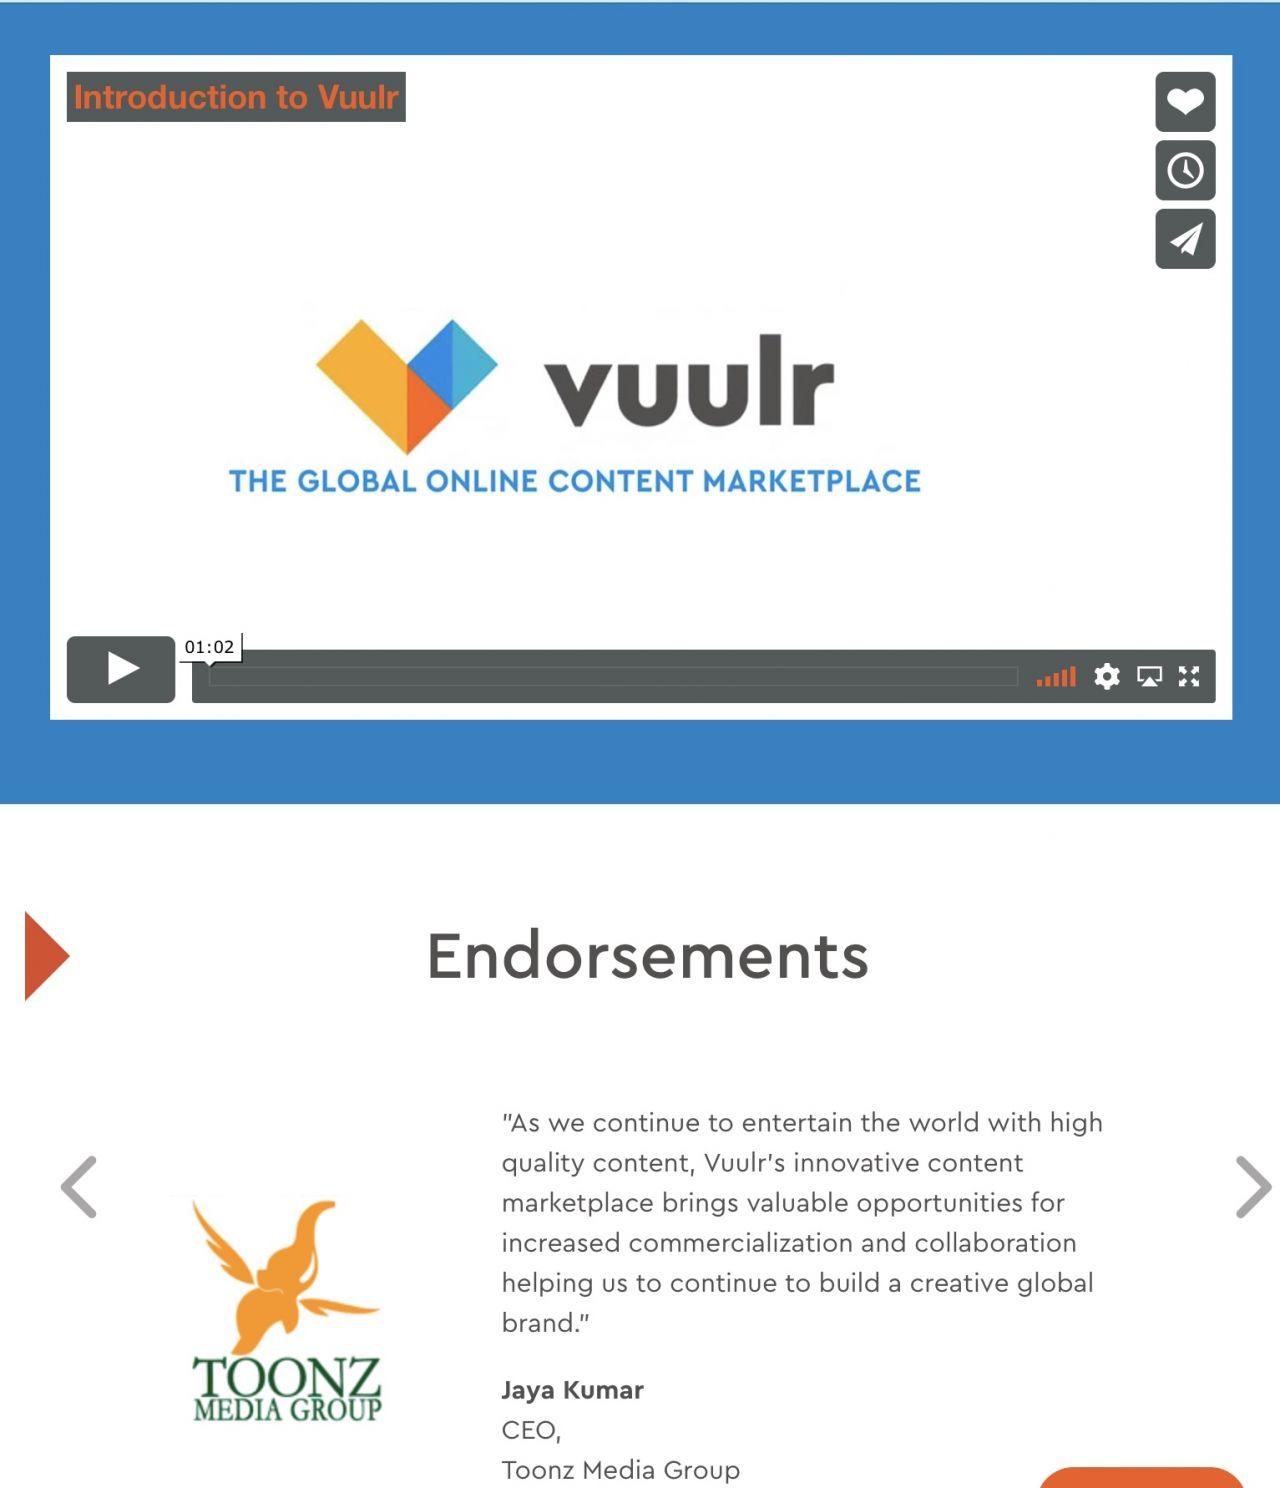 Türk dizileri VUULR ile dünyaya açılacak - Sayfa:3